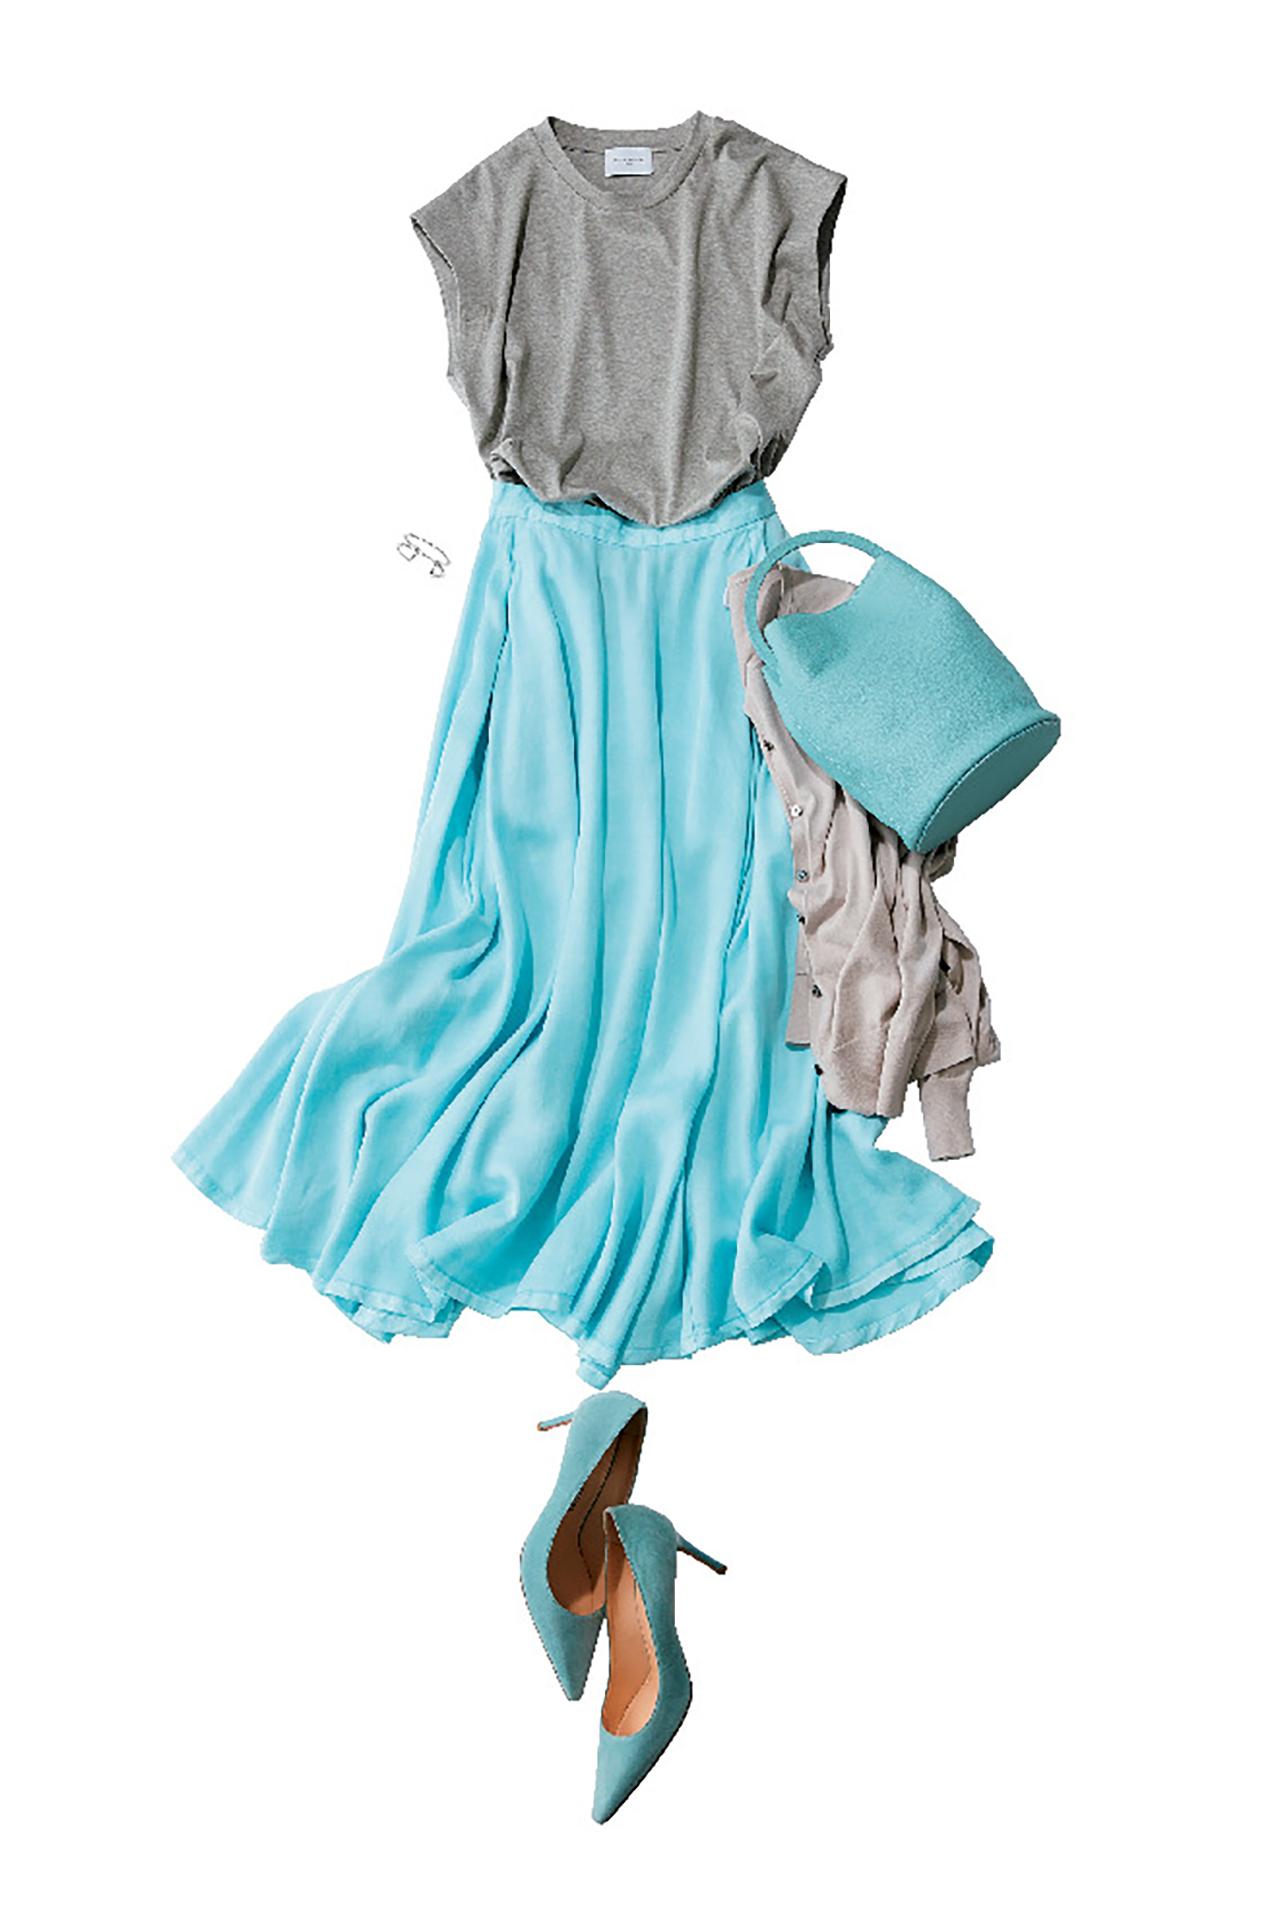 ブルーのスカートは、涼やかな美人感で360度好感度! 五選_1_1-4